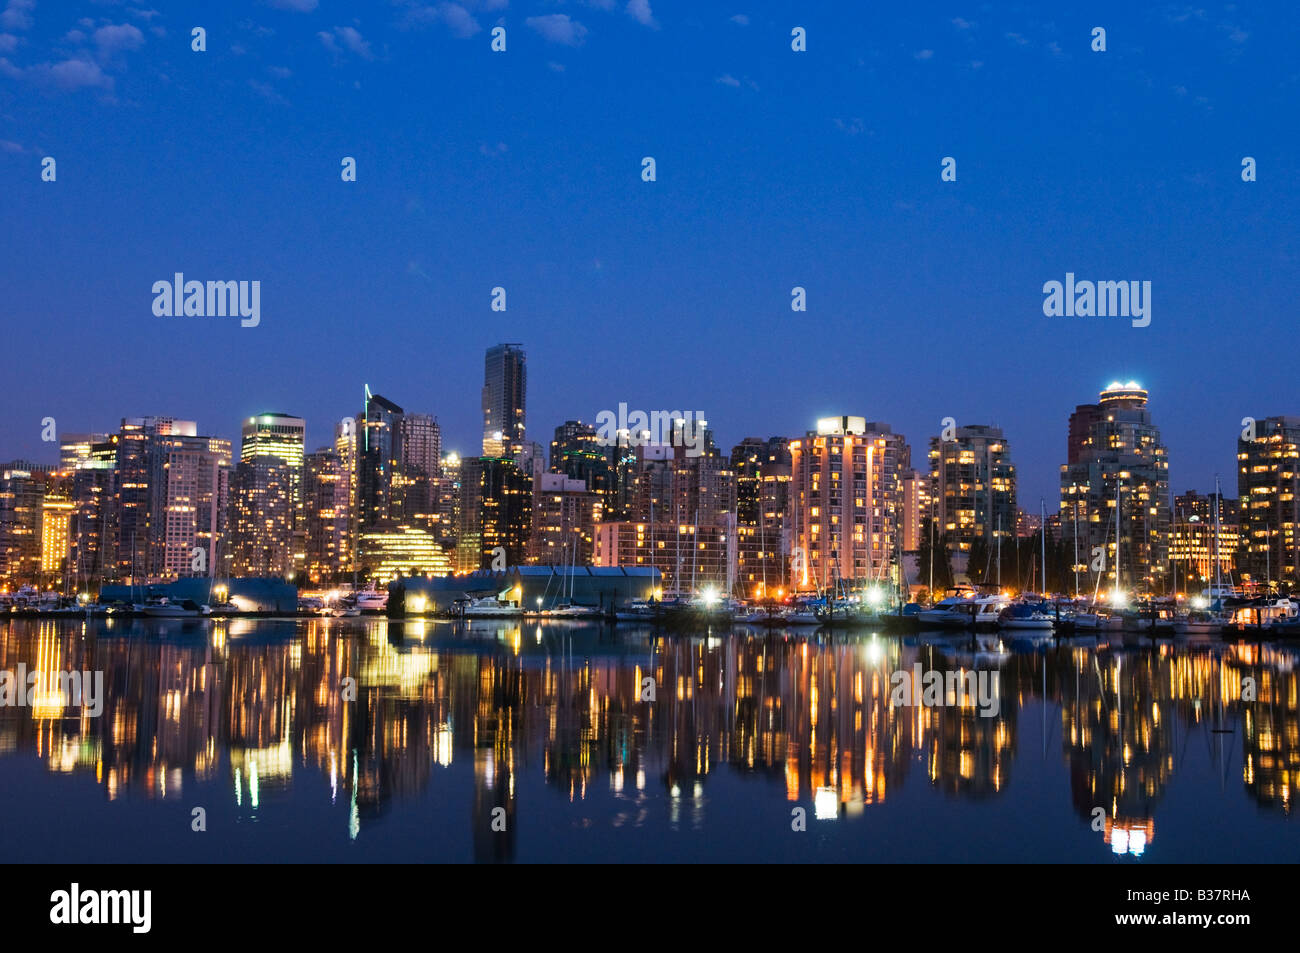 Noche skyline Coal Harbour Vancouver Canada Imagen De Stock